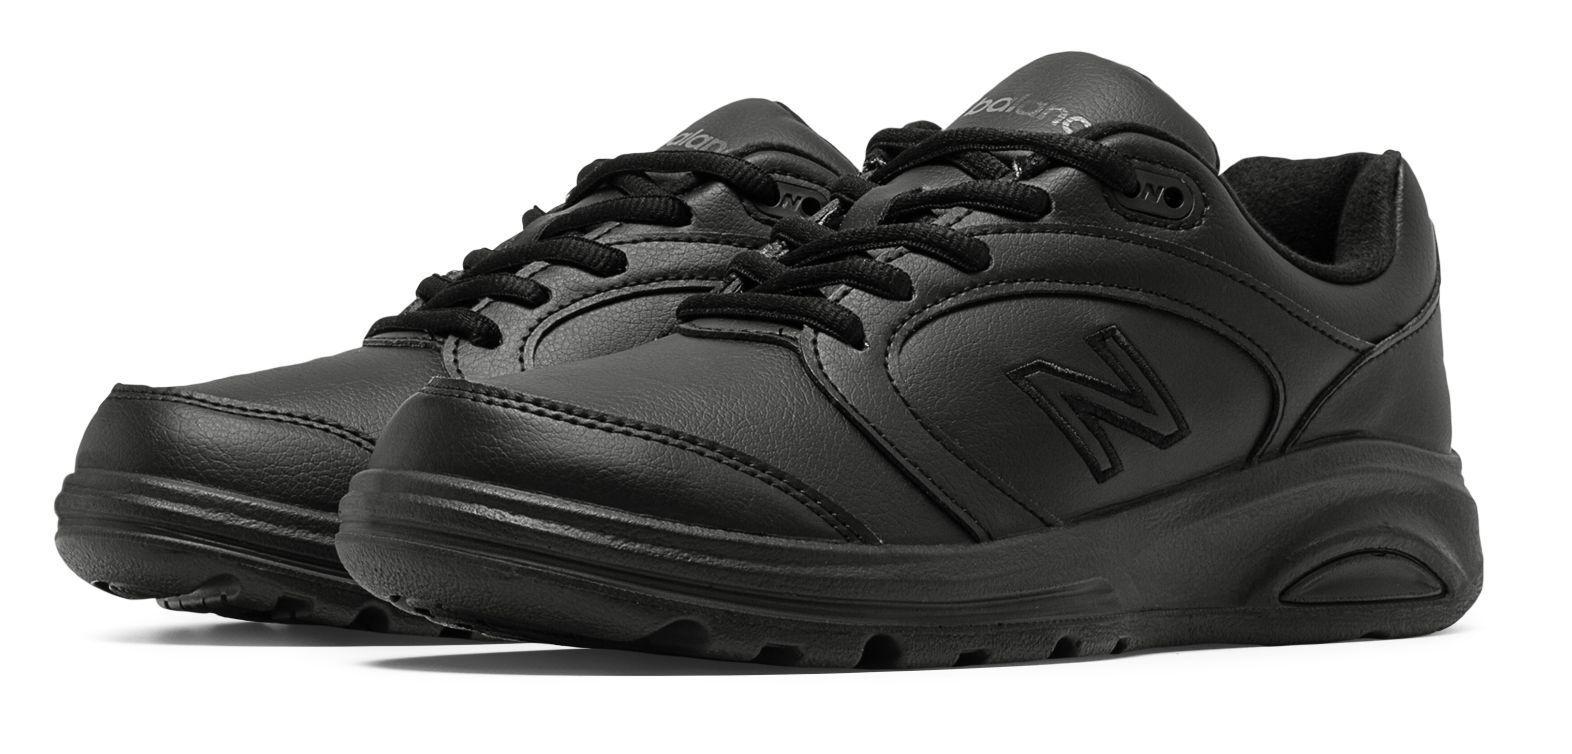 New balance mujer para mujer zapatos para caminar 674 Negro Moderno Elegante Adulto